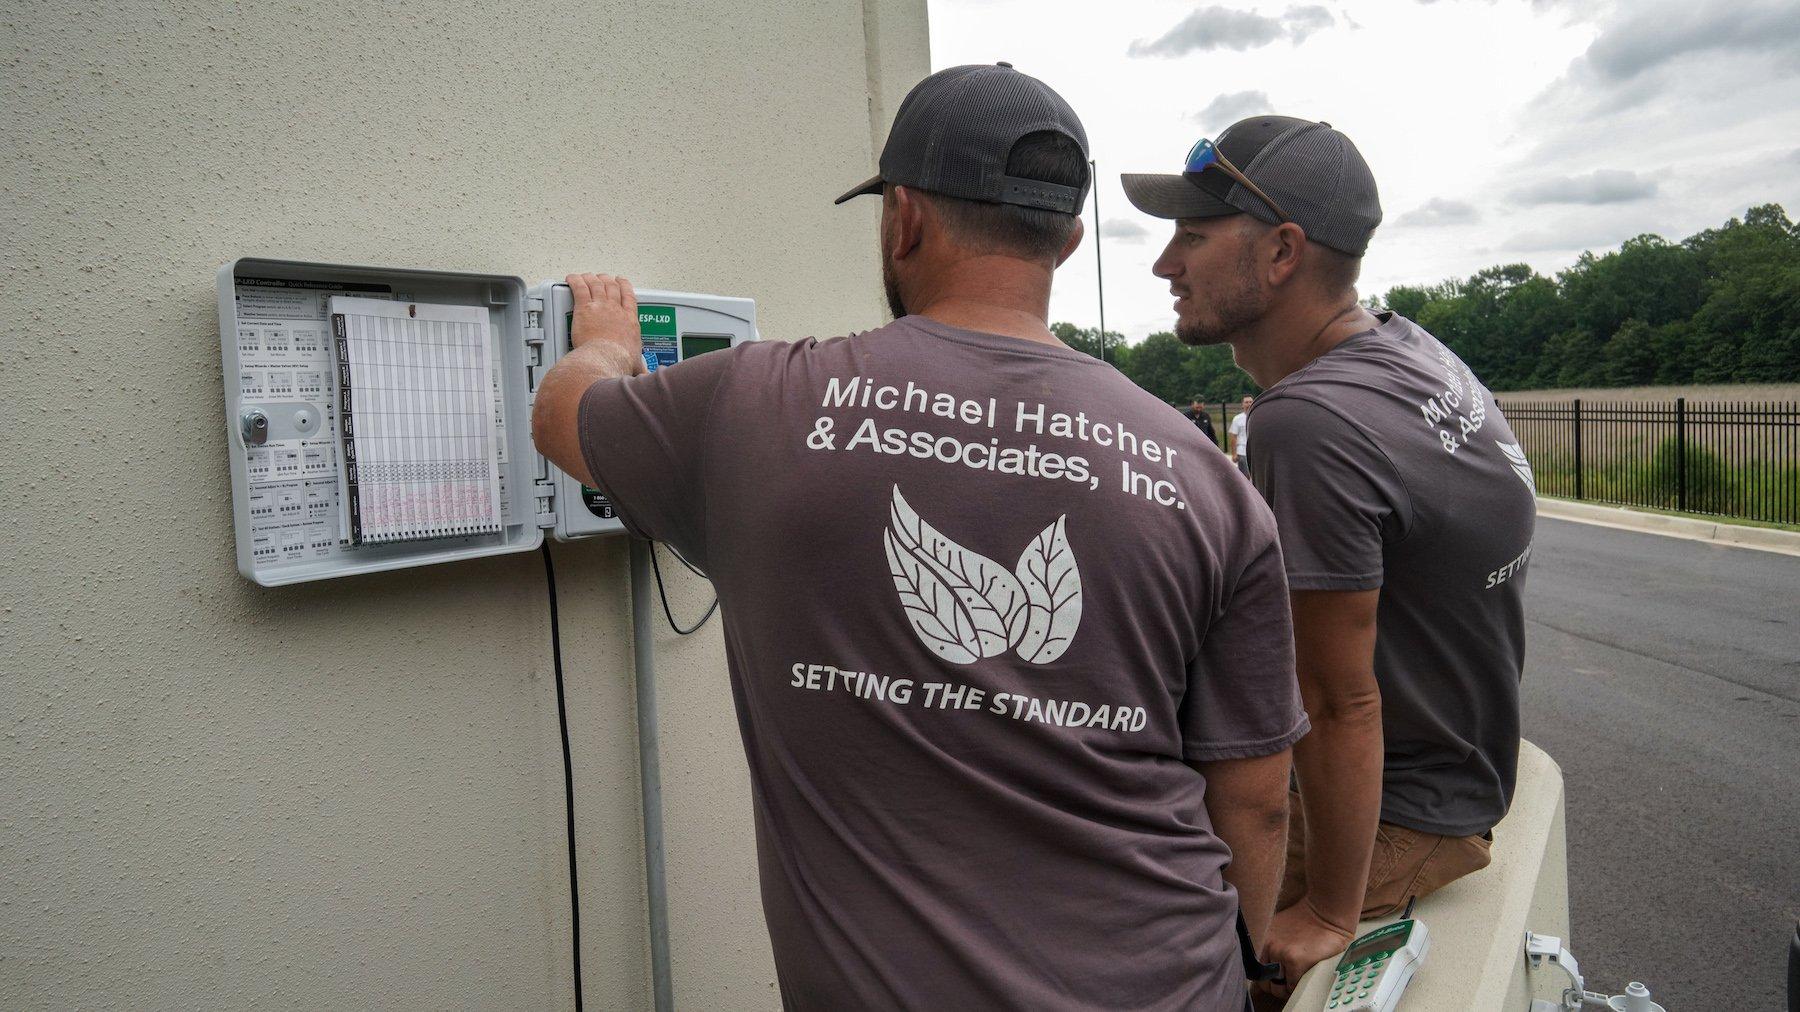 Commercial Irrigation team making adjustments to sprinkler system